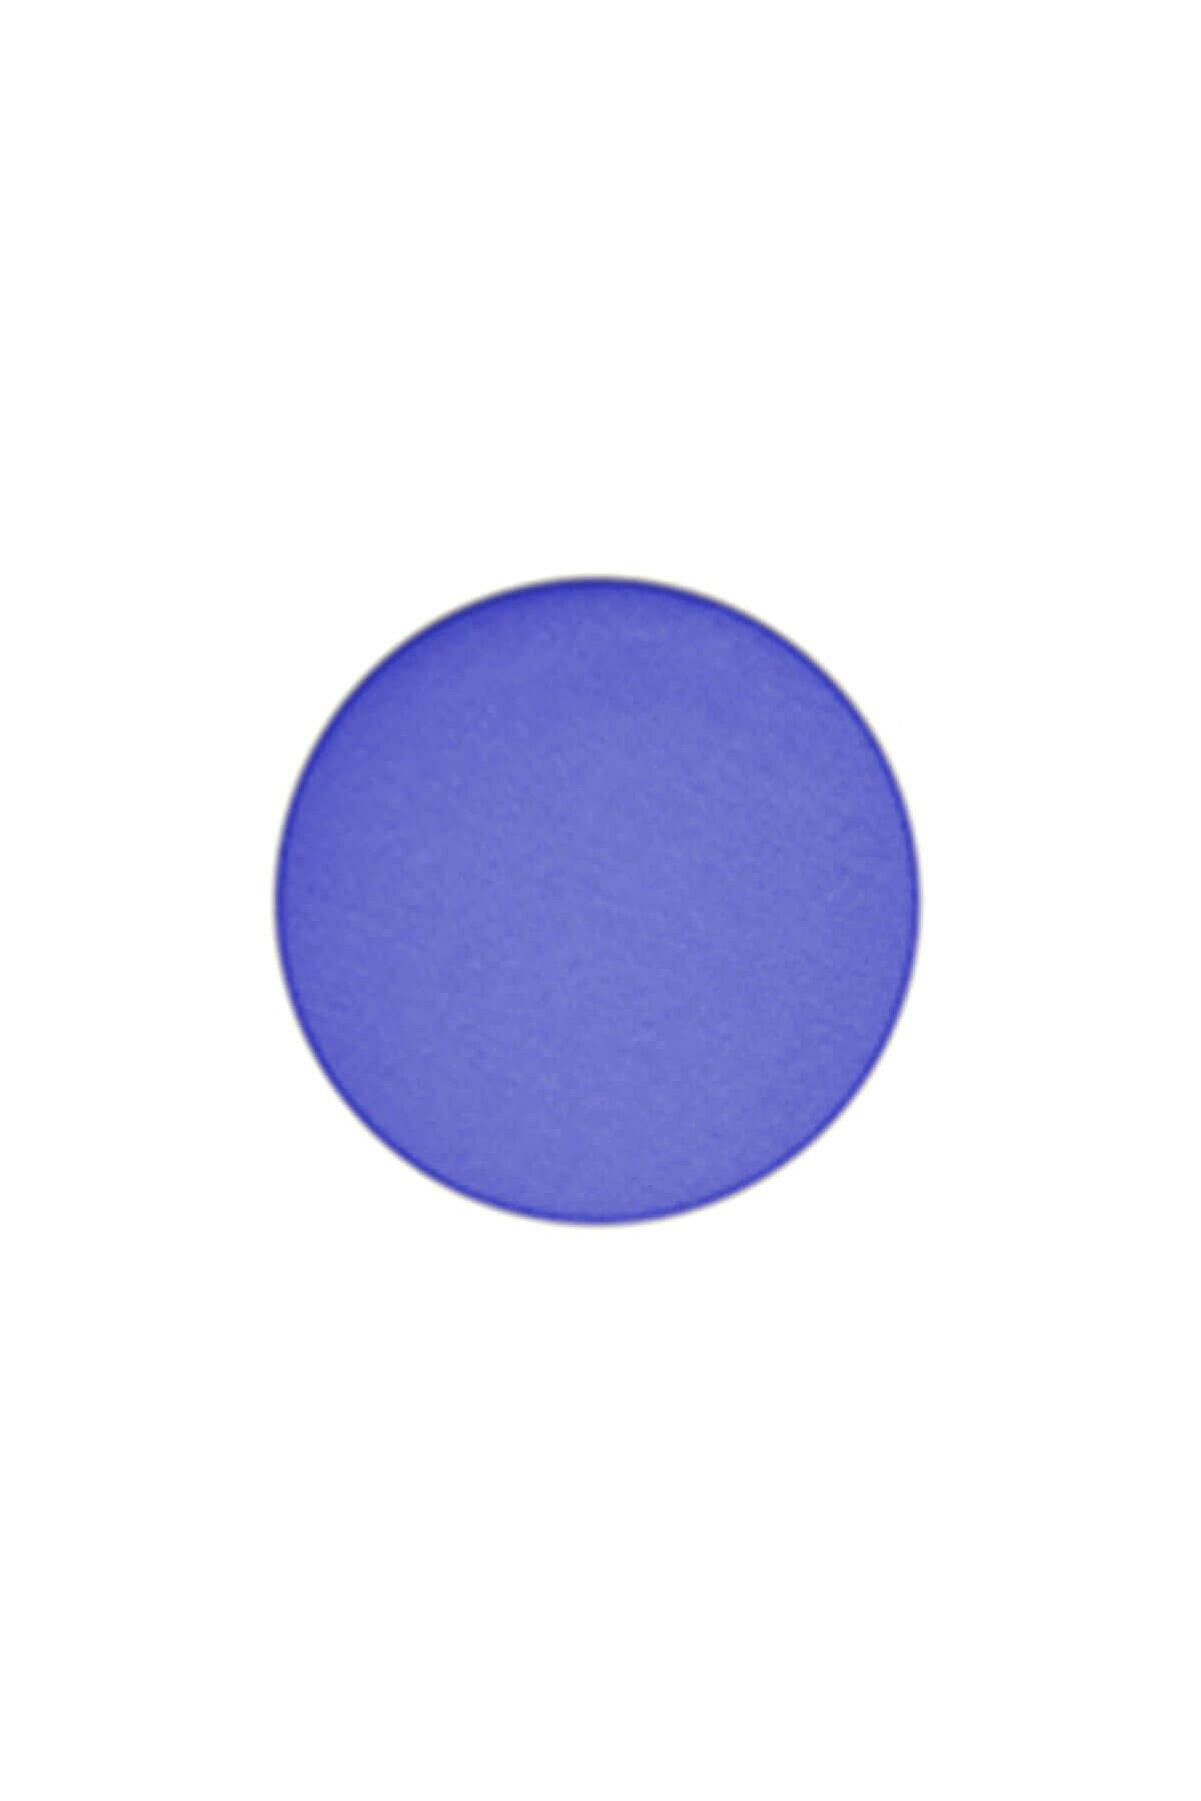 Mac Göz Farı - Refill Far Cobalt 1.5 g 773602351633